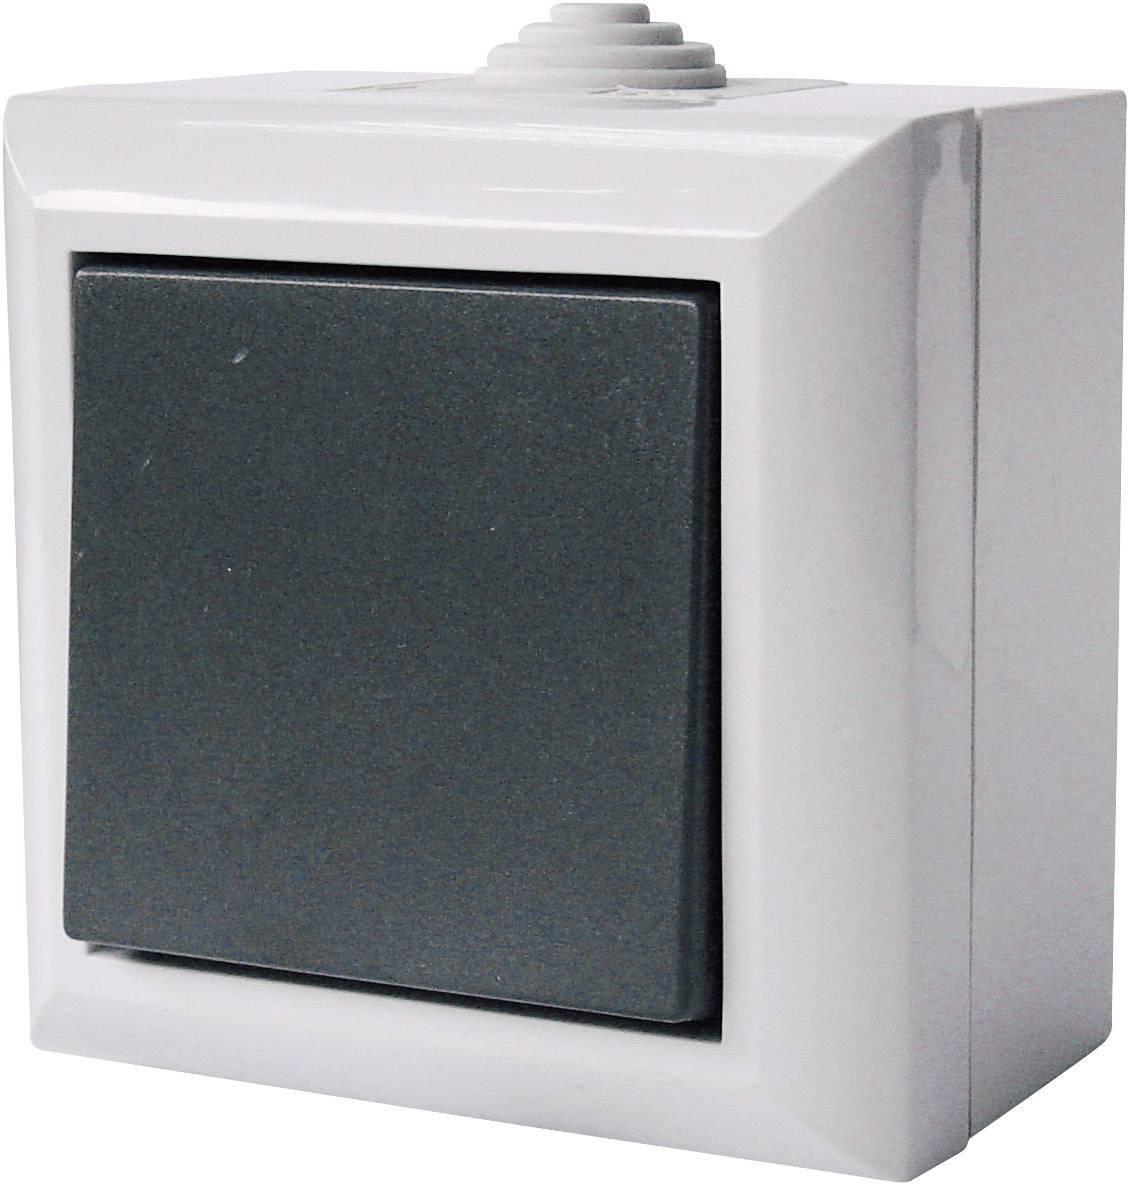 Vypínač GAO Business-Line AP, 9160, šedá